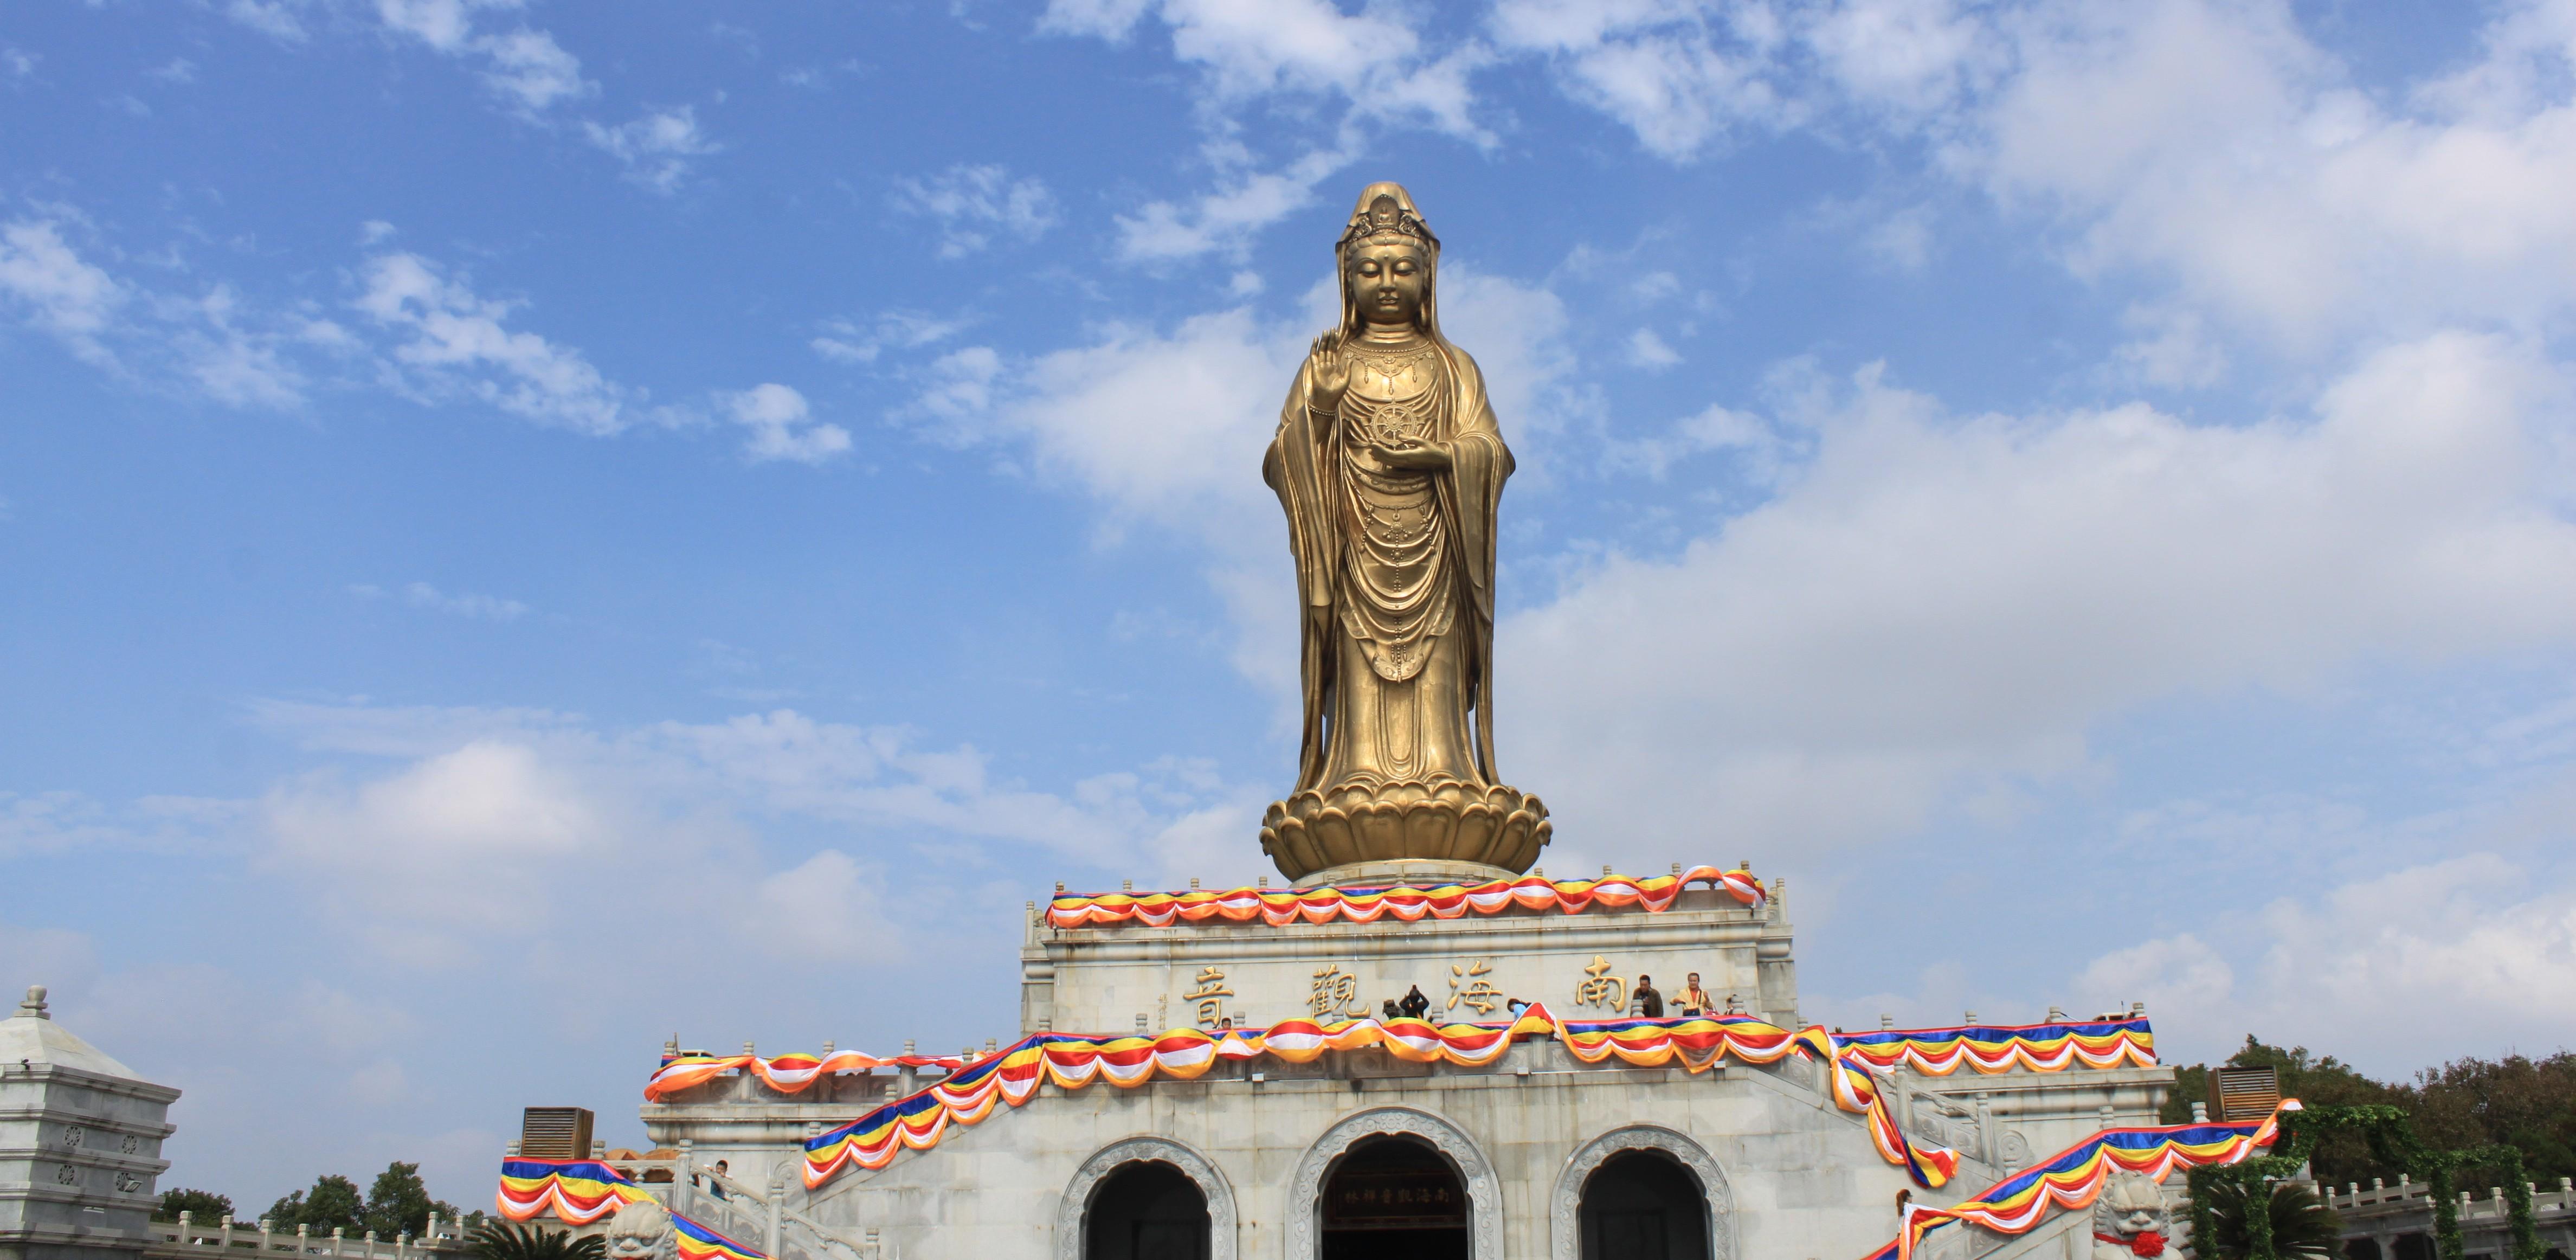 上海往返普陀山旅游大巴车票<黄浦旅游集散站取票、上车,婴幼儿也需买票>